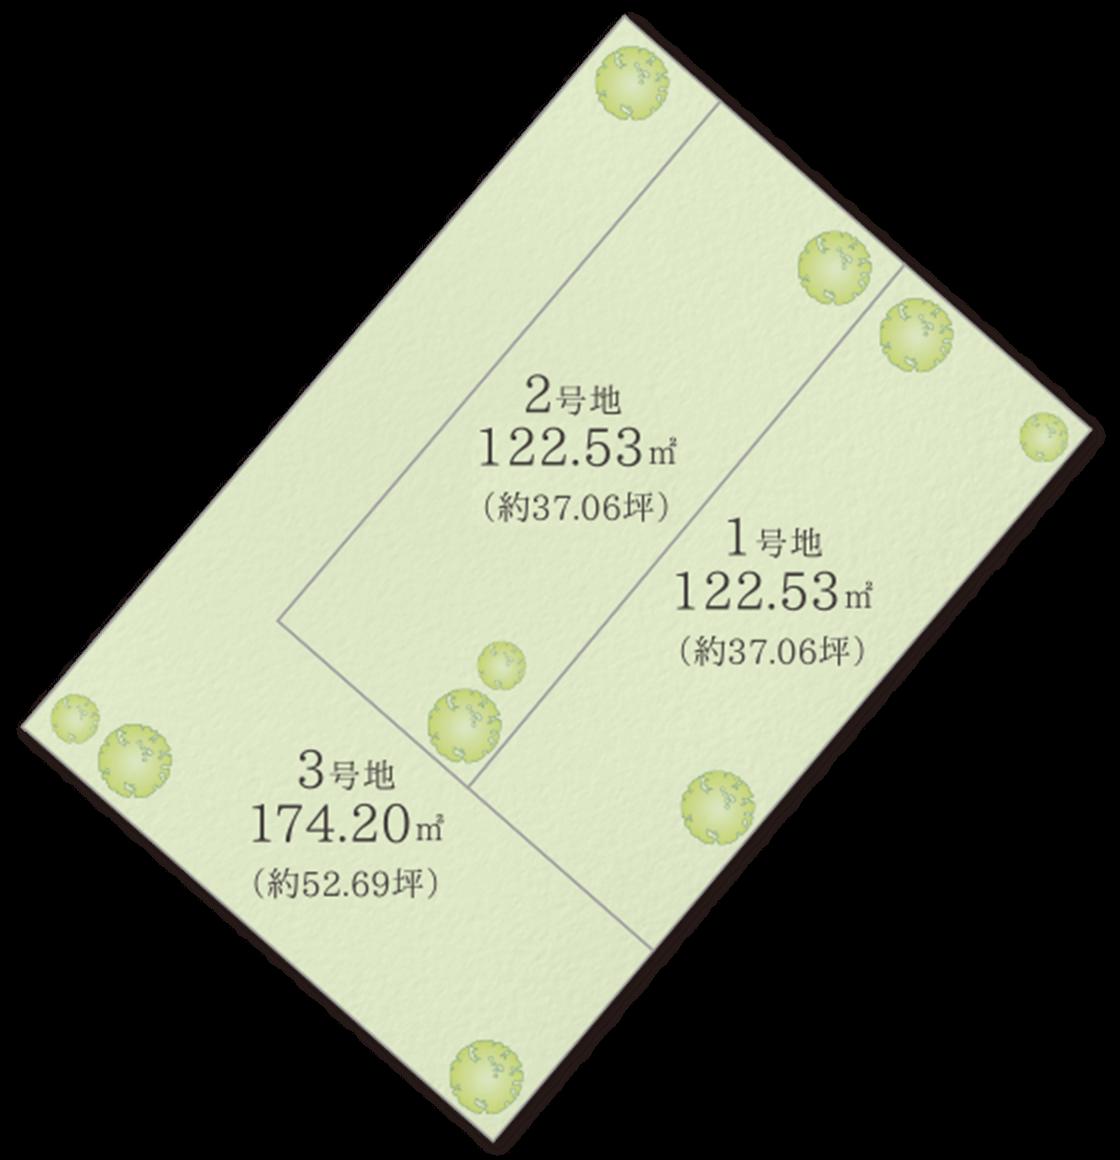 大阪府岸和田市 プレミアタウン額原 区画図